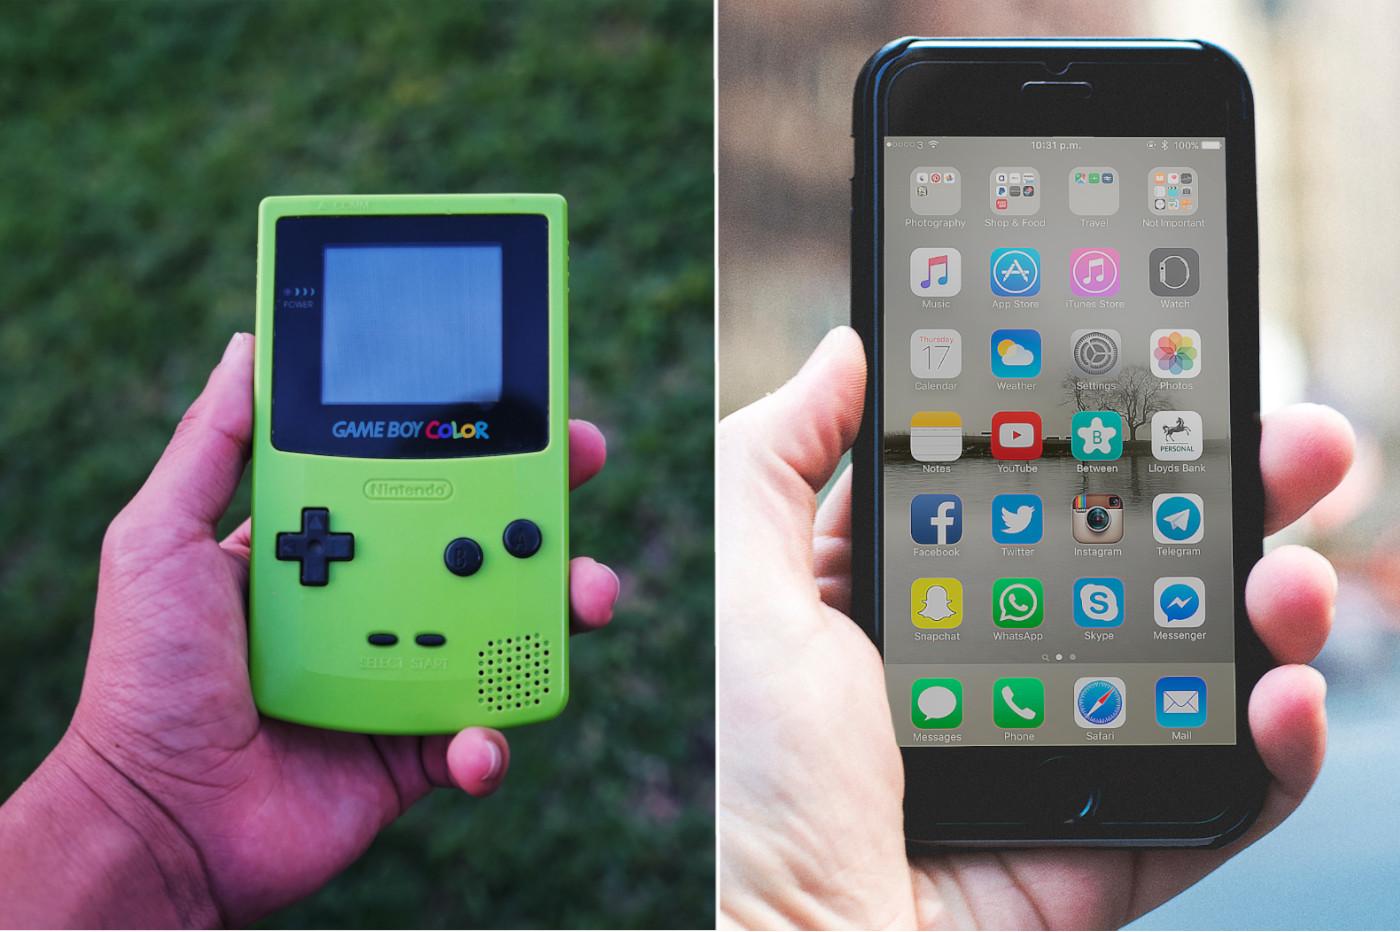 iPhone Gameboy AltStore